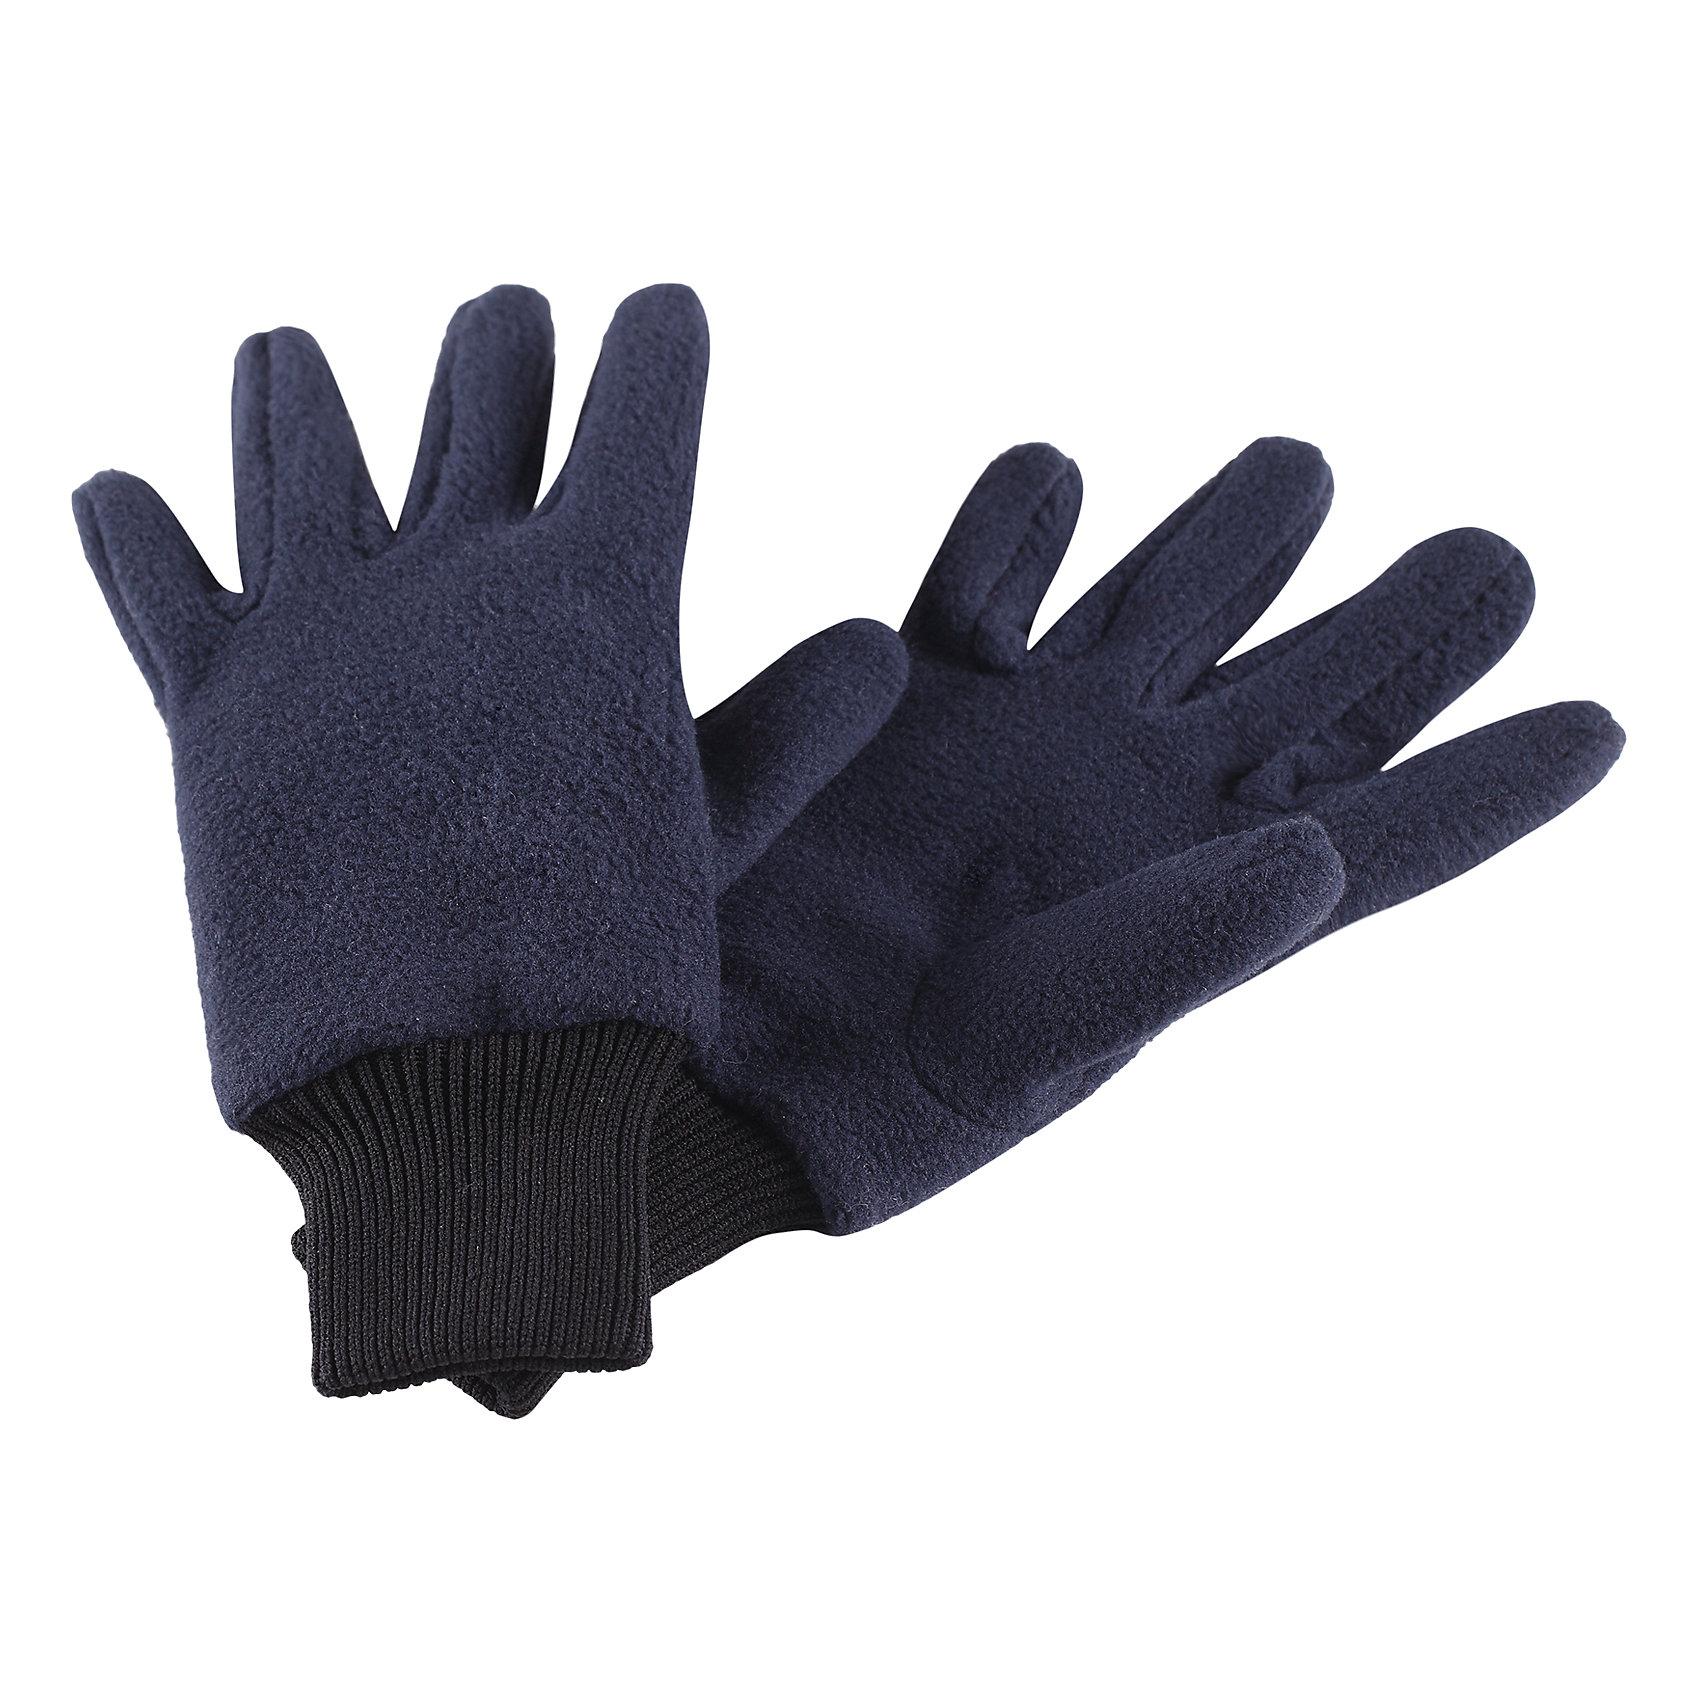 Флисовые перчатки Reima OskПерчатки, варежки<br>Характеристики товара:<br><br>• цвет: синий;<br>• состав: 100% полиэстер;<br>• сезон: зима;<br>• выводят влагу наружу;<br>• дышащий, теплый и быстросохнущий флис;<br>• кнопки, чтобы пристегивать перчатки друг у другу на время хранения;<br>• легкий стиль, без подкладки;<br>• эластичный кант на манжетах;<br>• страна бренда: Финляндия;<br>• страна изготовитель: Китай.<br><br>Мягкие и удобные детские перчатки из флиса. Теплый, дышащий и быстросохнущий флисовый материал отводит влагу в верхние слои. Облегченная модель без подкладки превосходно подойдет для поддевания под непромокаемые варежки в морозную погоду. Удобная резинка. Снабжены кнопкой и пристегиваются друг к другу для хранения.<br><br>Перчатки Osk Reima от финского бренда Reima (Рейма) можно купить в нашем интернет-магазине.<br><br>Ширина мм: 162<br>Глубина мм: 171<br>Высота мм: 55<br>Вес г: 119<br>Цвет: синий<br>Возраст от месяцев: 120<br>Возраст до месяцев: 144<br>Пол: Унисекс<br>Возраст: Детский<br>Размер: 7/8,3/4,5/6<br>SKU: 6902143